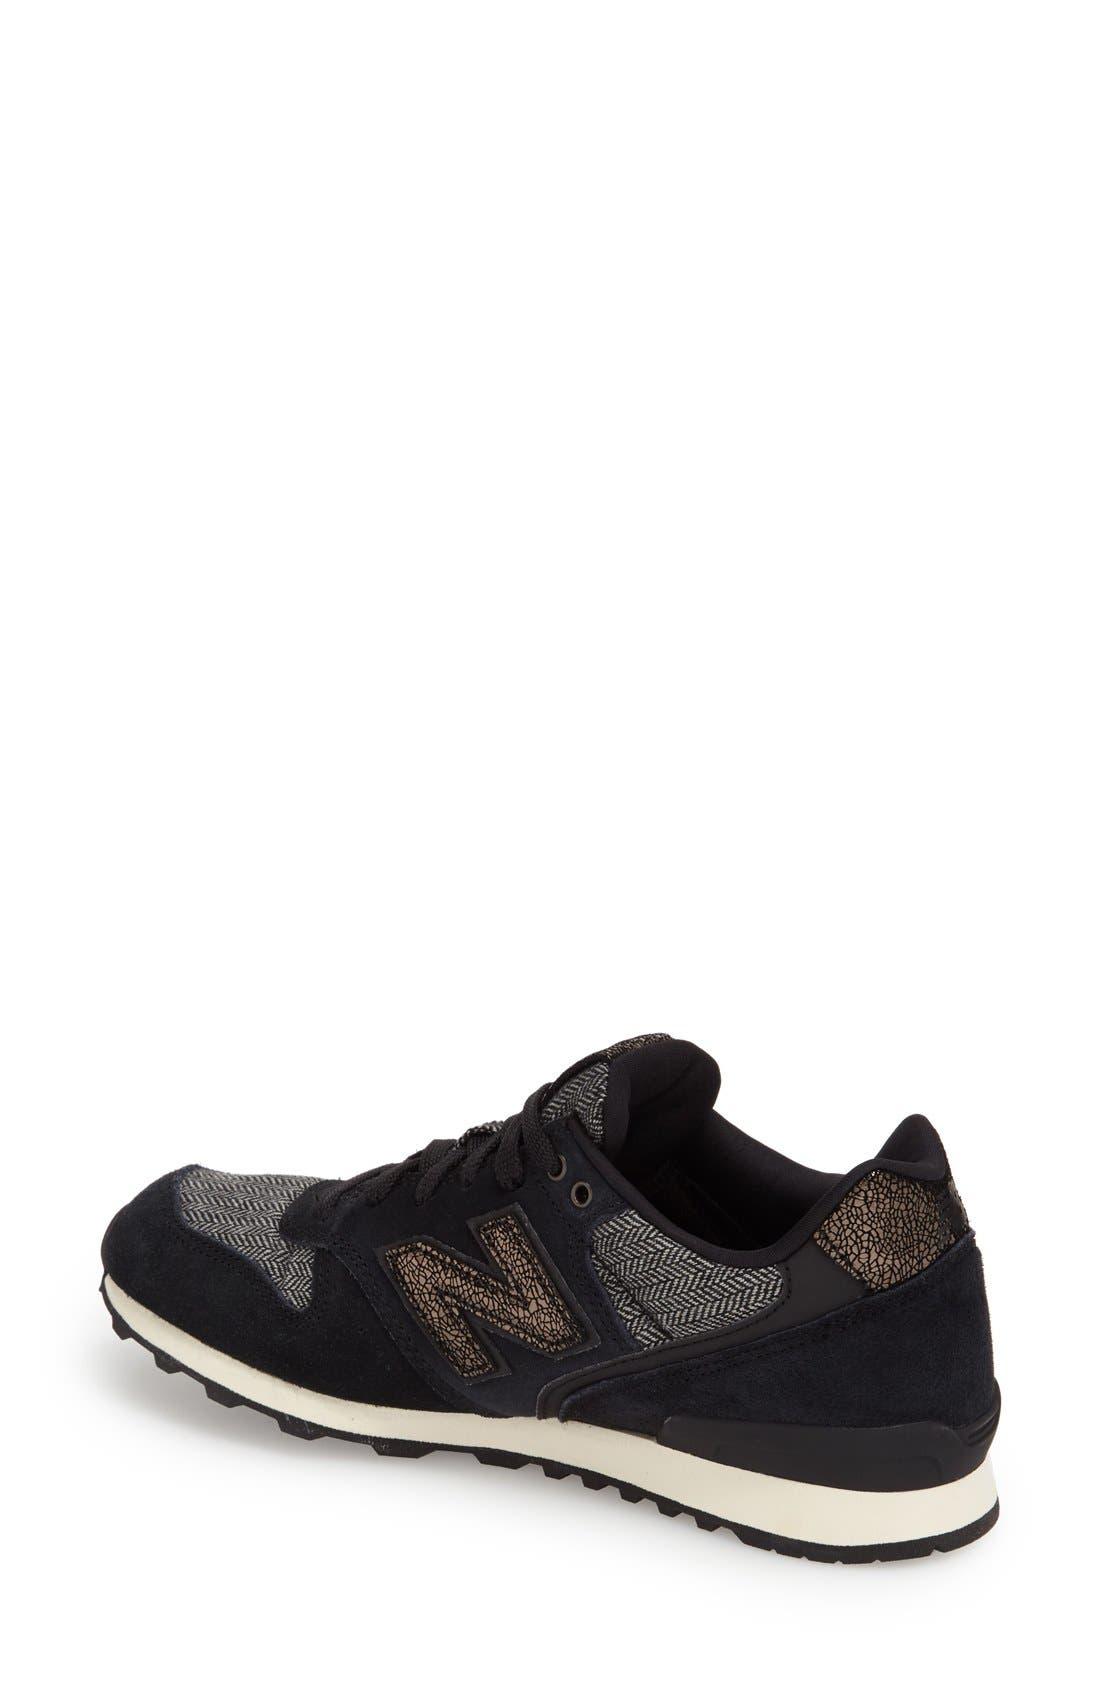 '696' Sneaker,                             Alternate thumbnail 4, color,                             001